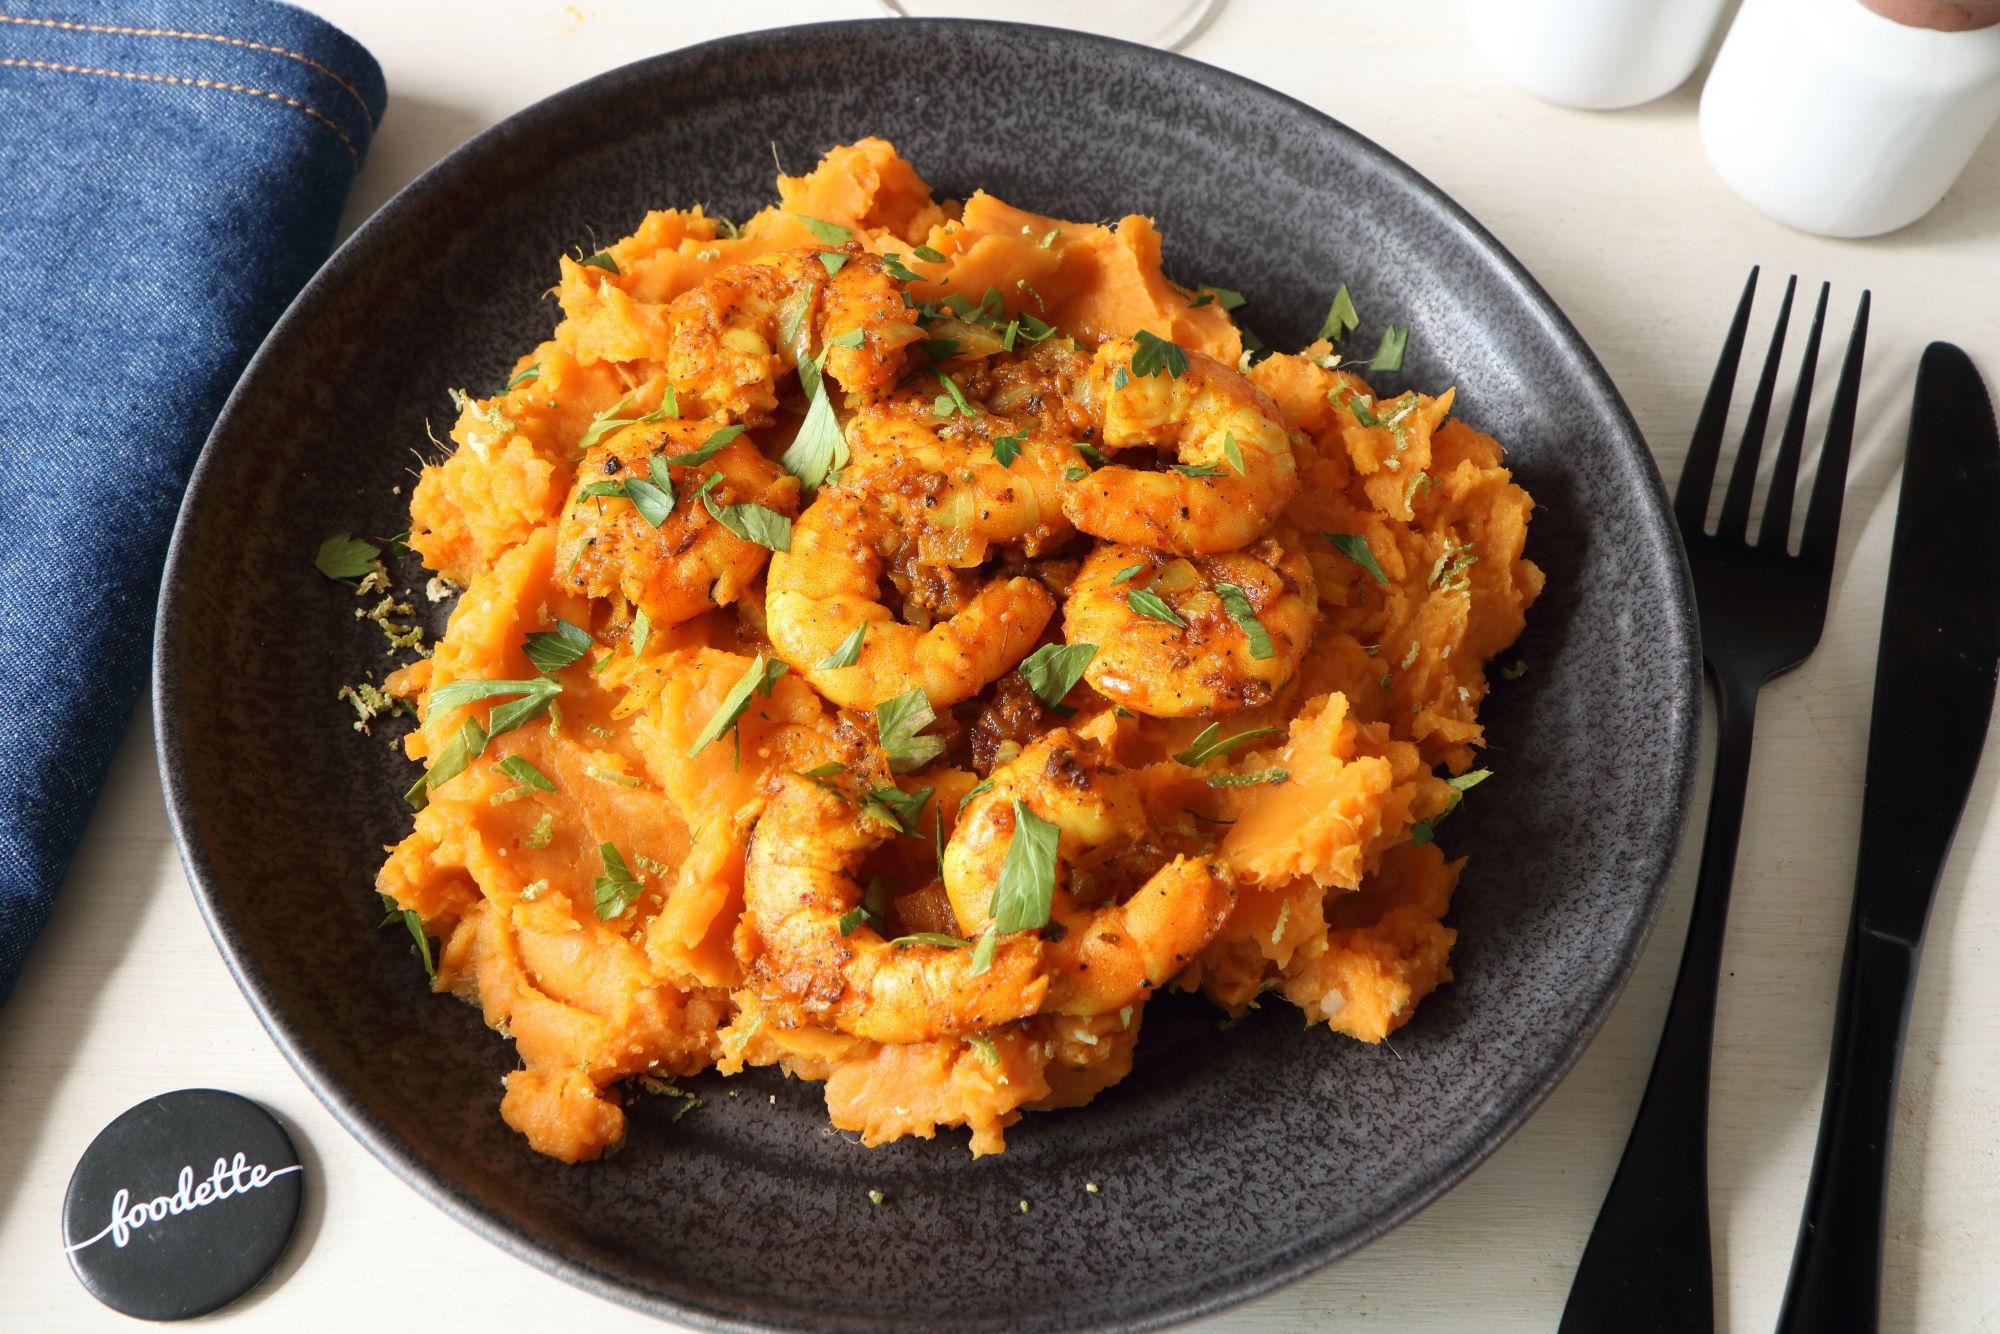 Crevettes cajun sautées et mashed sweet potatoes